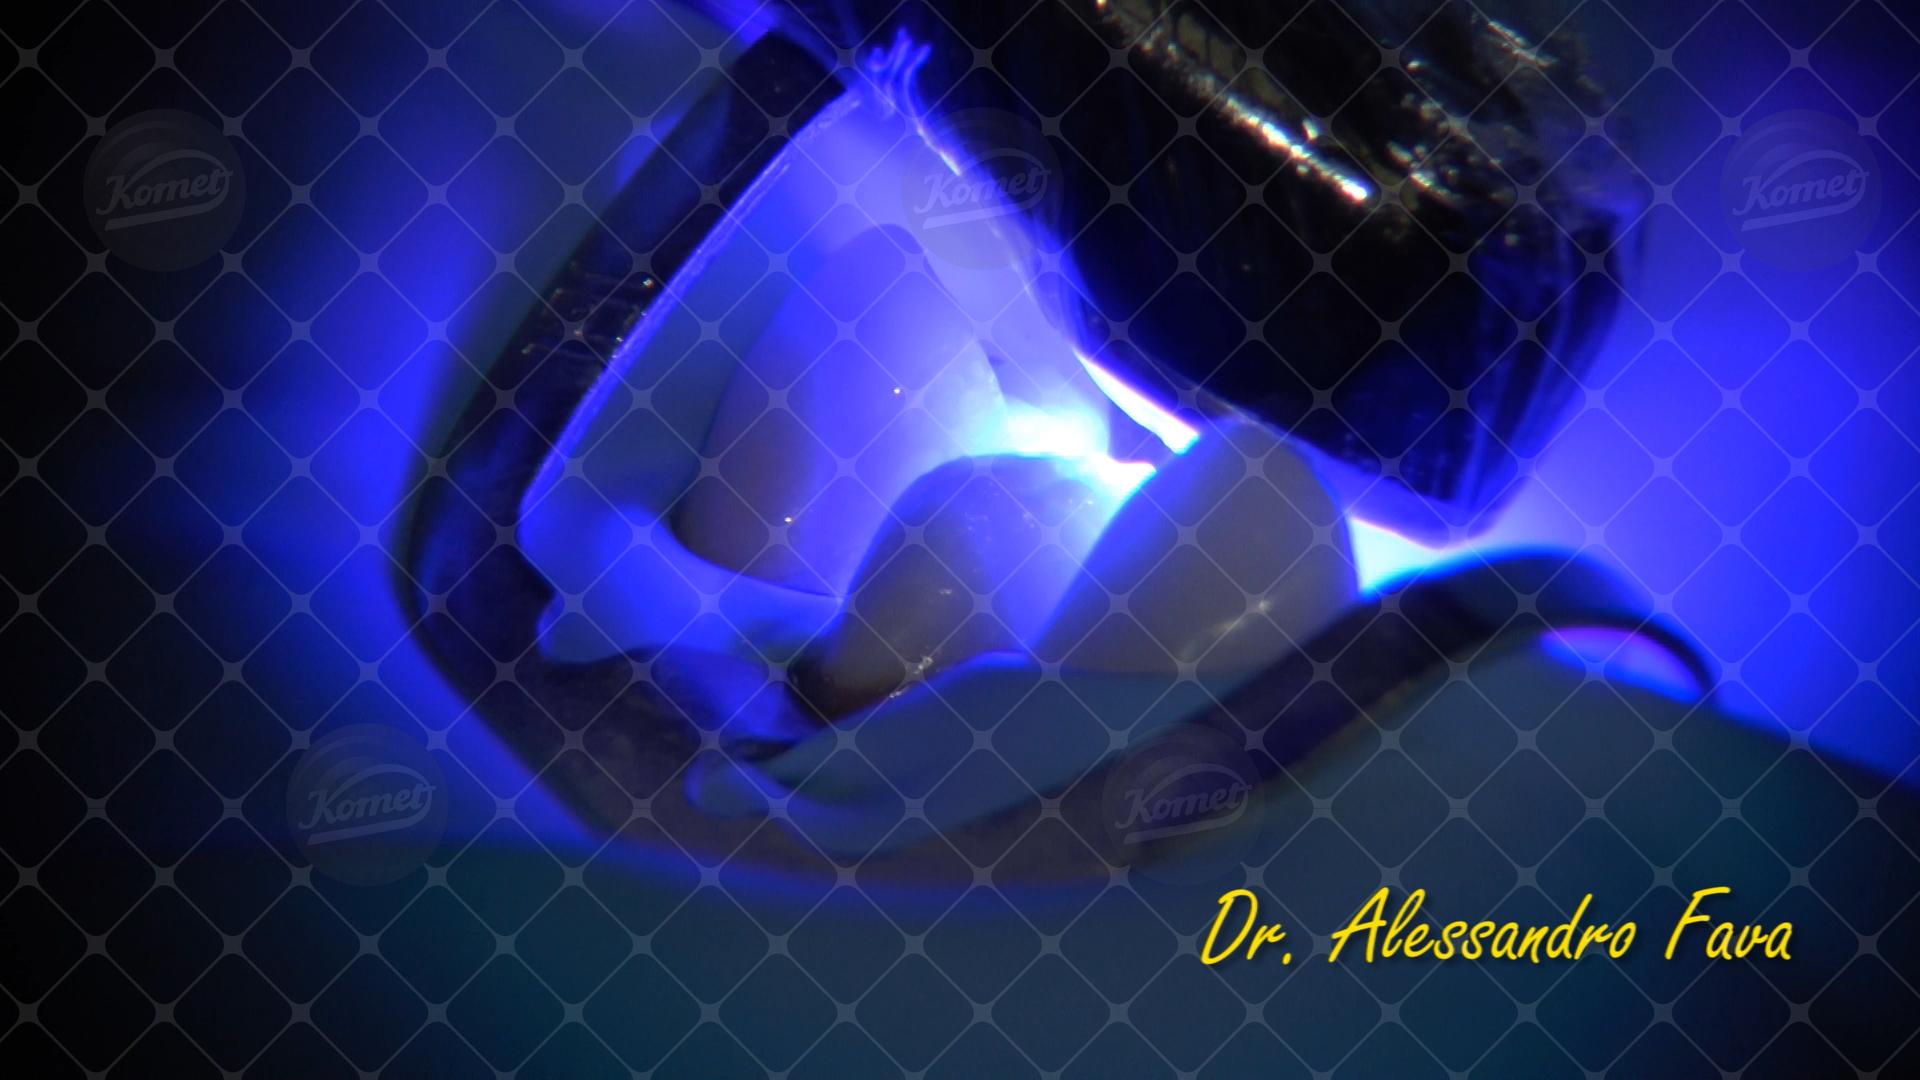 Caso 24 del Dr Alessandro Fava (40)